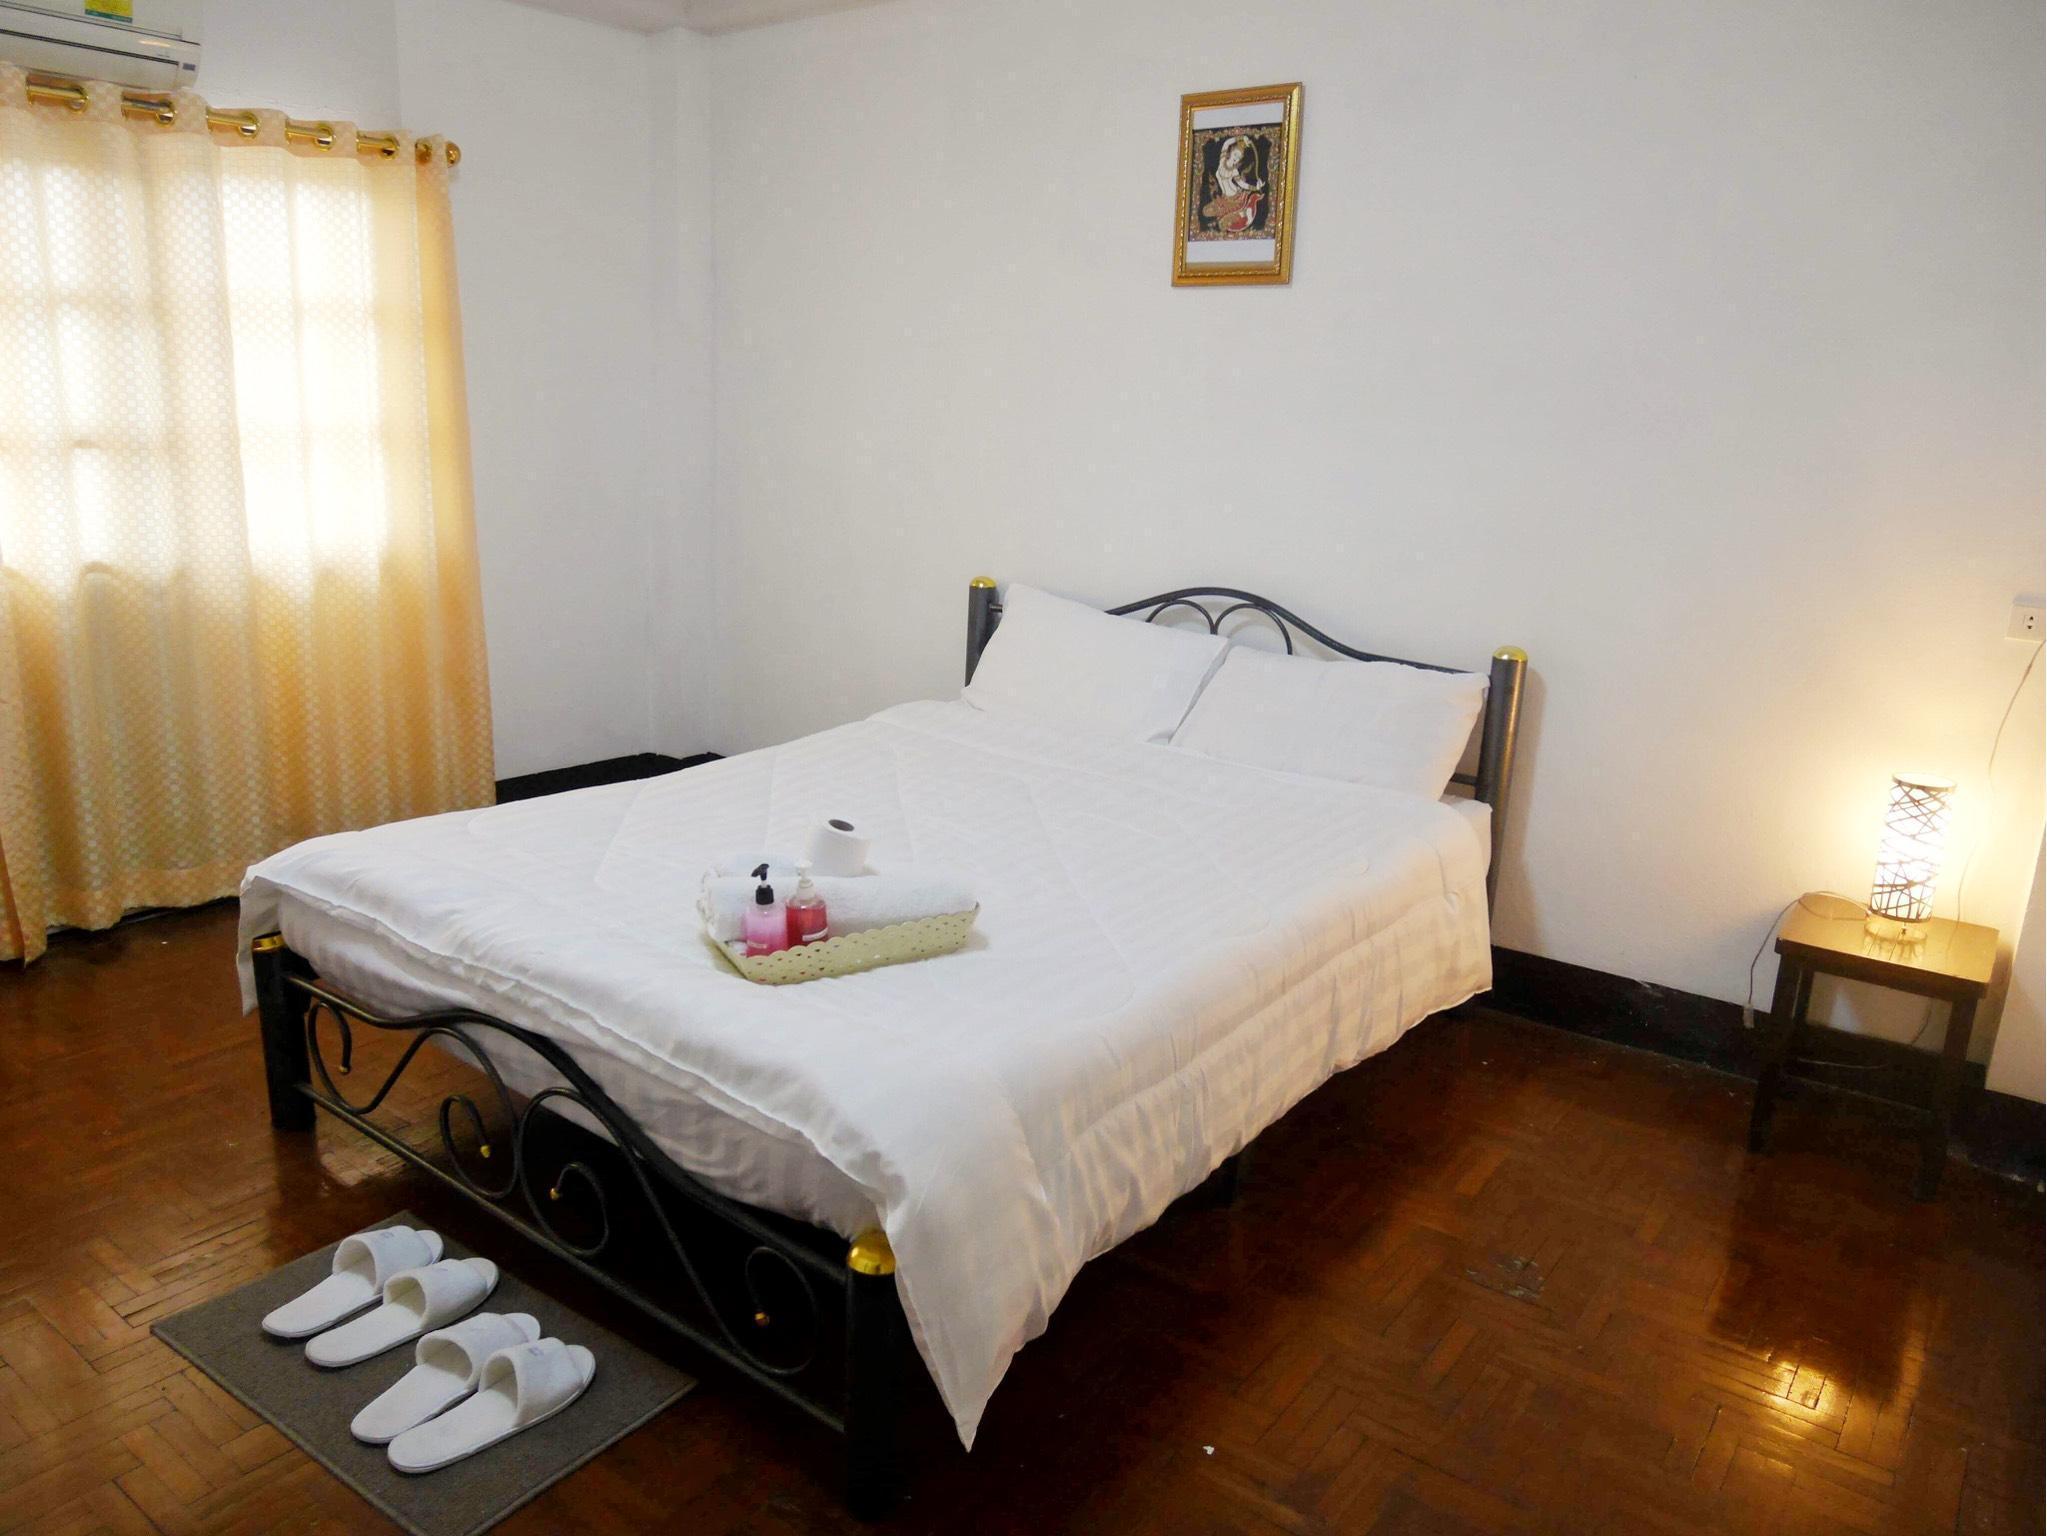 4.2 Rohan guesthouse  Shared bathroom อพาร์ตเมนต์ 1 ห้องนอน 0 ห้องน้ำส่วนตัว ขนาด 30 ตร.ม. – ช้างคลาน